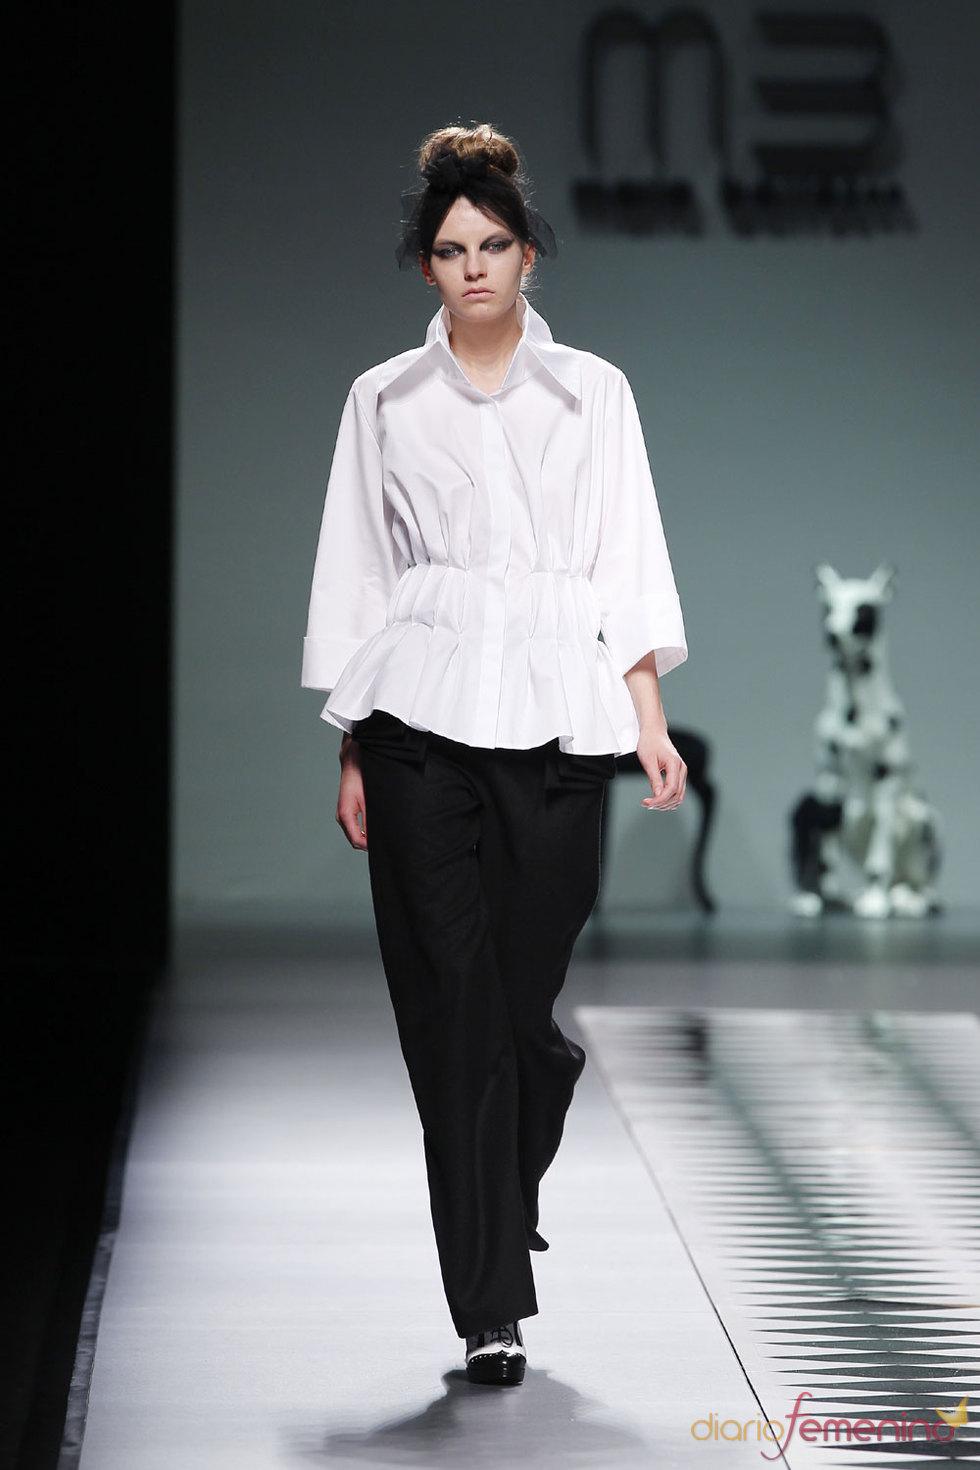 Conjunto blanco y negro de María Barros - Cibeles 2010